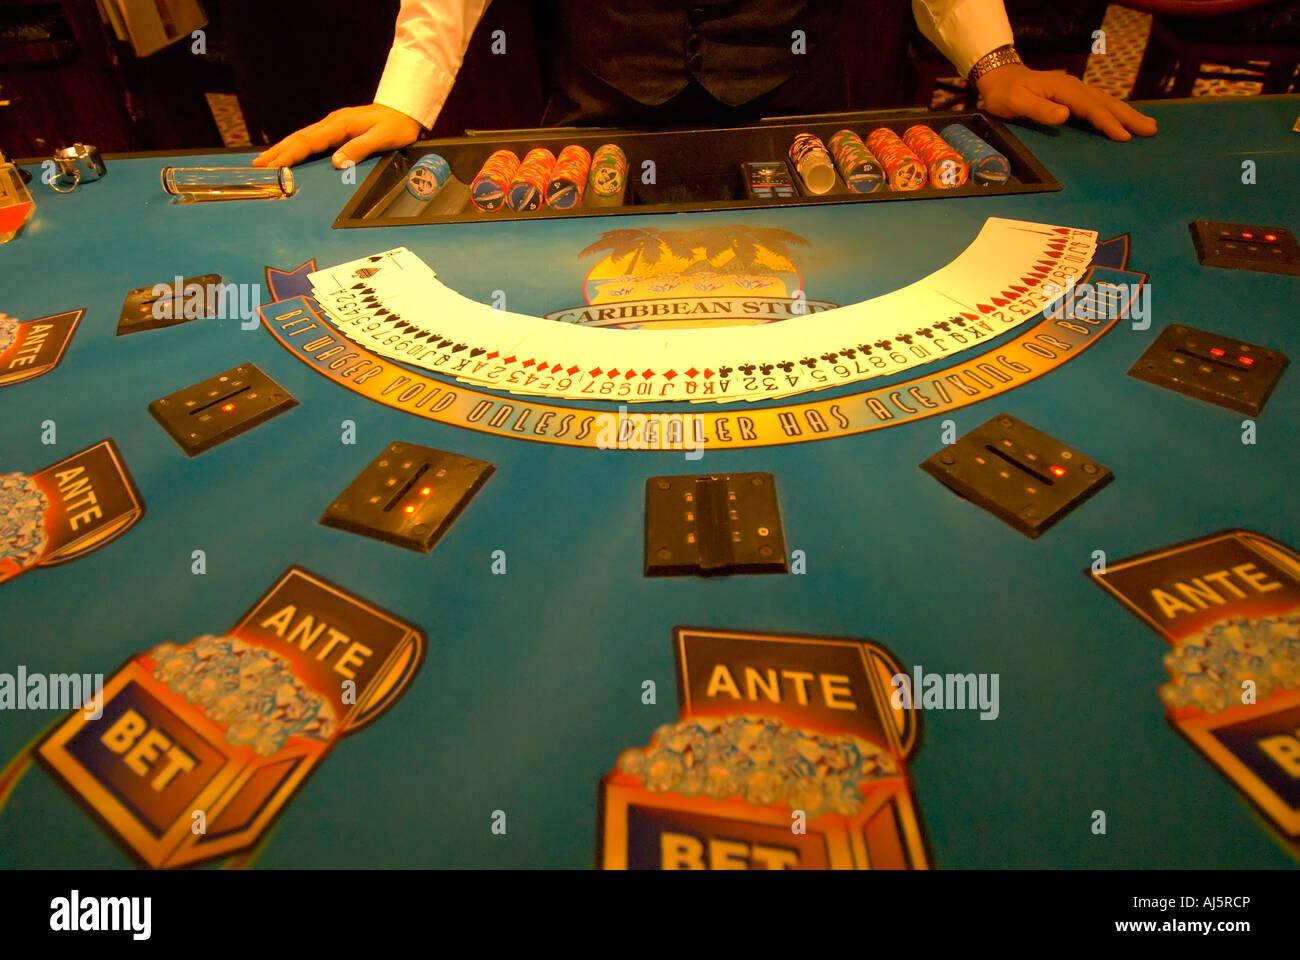 Gambling game of chance uk no deposit